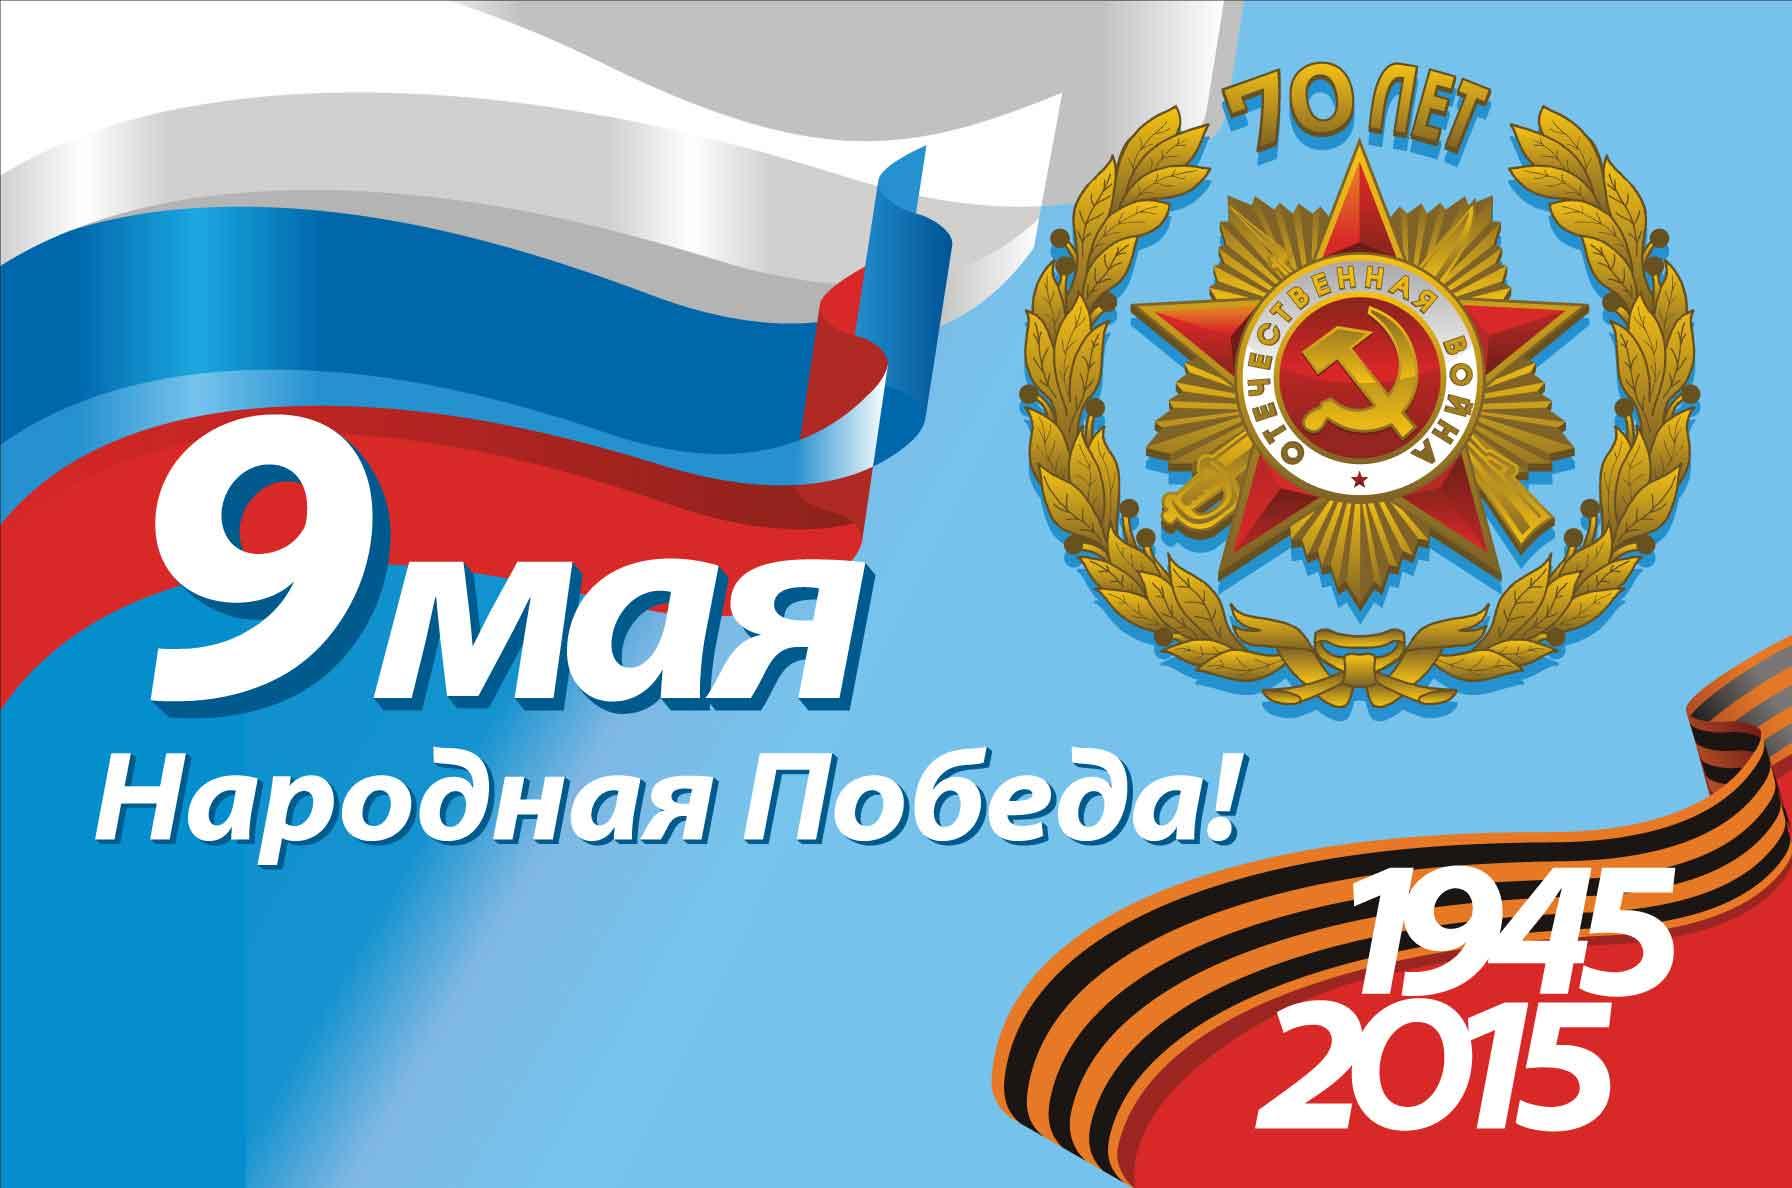 Поздравляем с 70 летием Великой Победы.